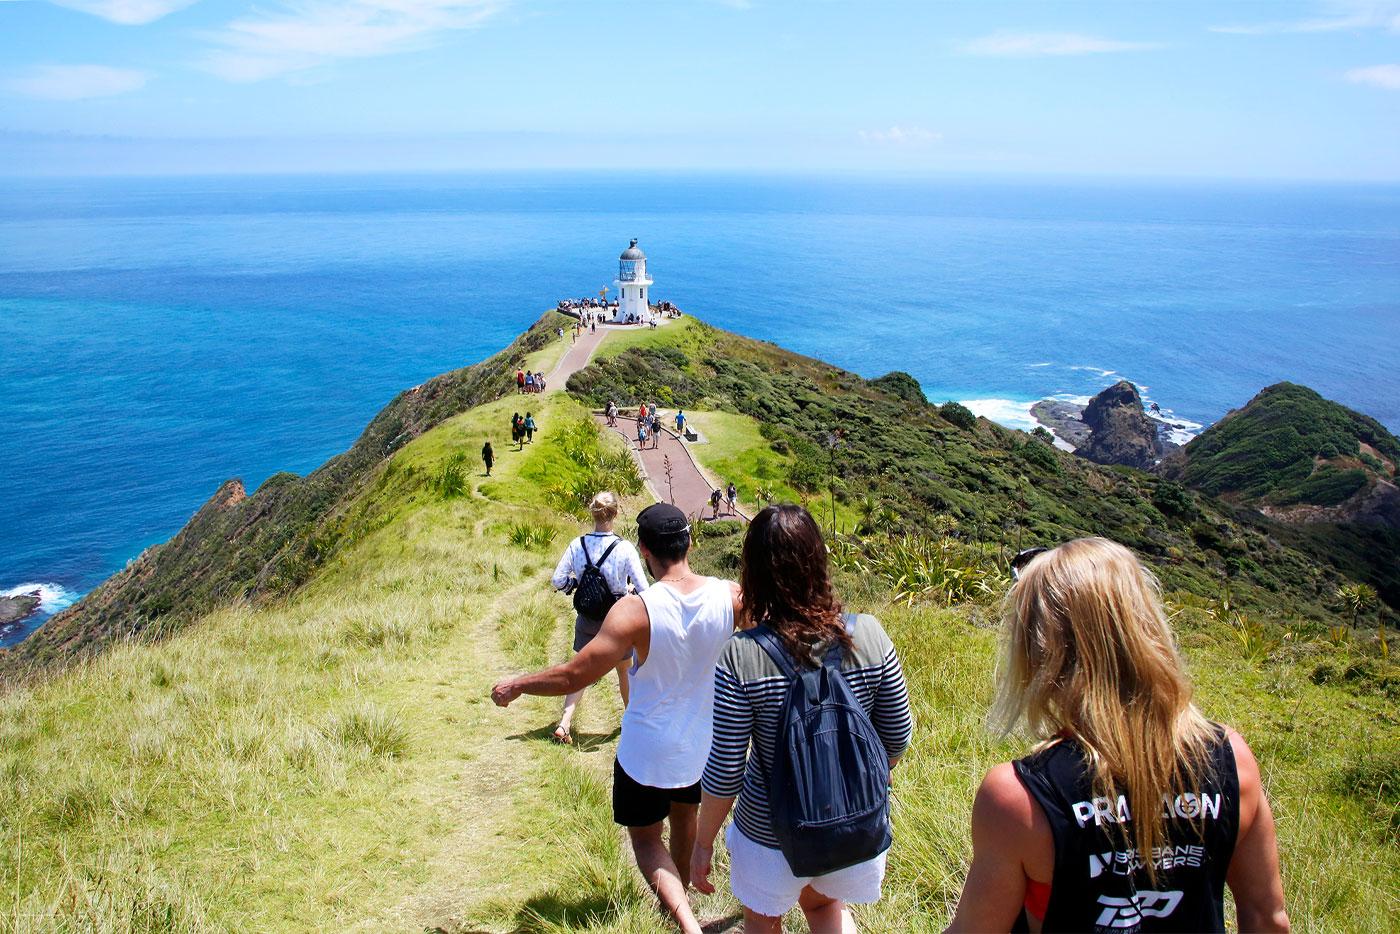 New-Zealand-Adventure-Cape-Reinga-Tour-Auckland-Northern-Adventure-Tour-New-Zeland-Adventure-Tours-NZ-Tours-&-Travel-Kiwi-Small-Group-Tours-Gap-Year-Tour-in-New-Zeland-Grabatour-Travel